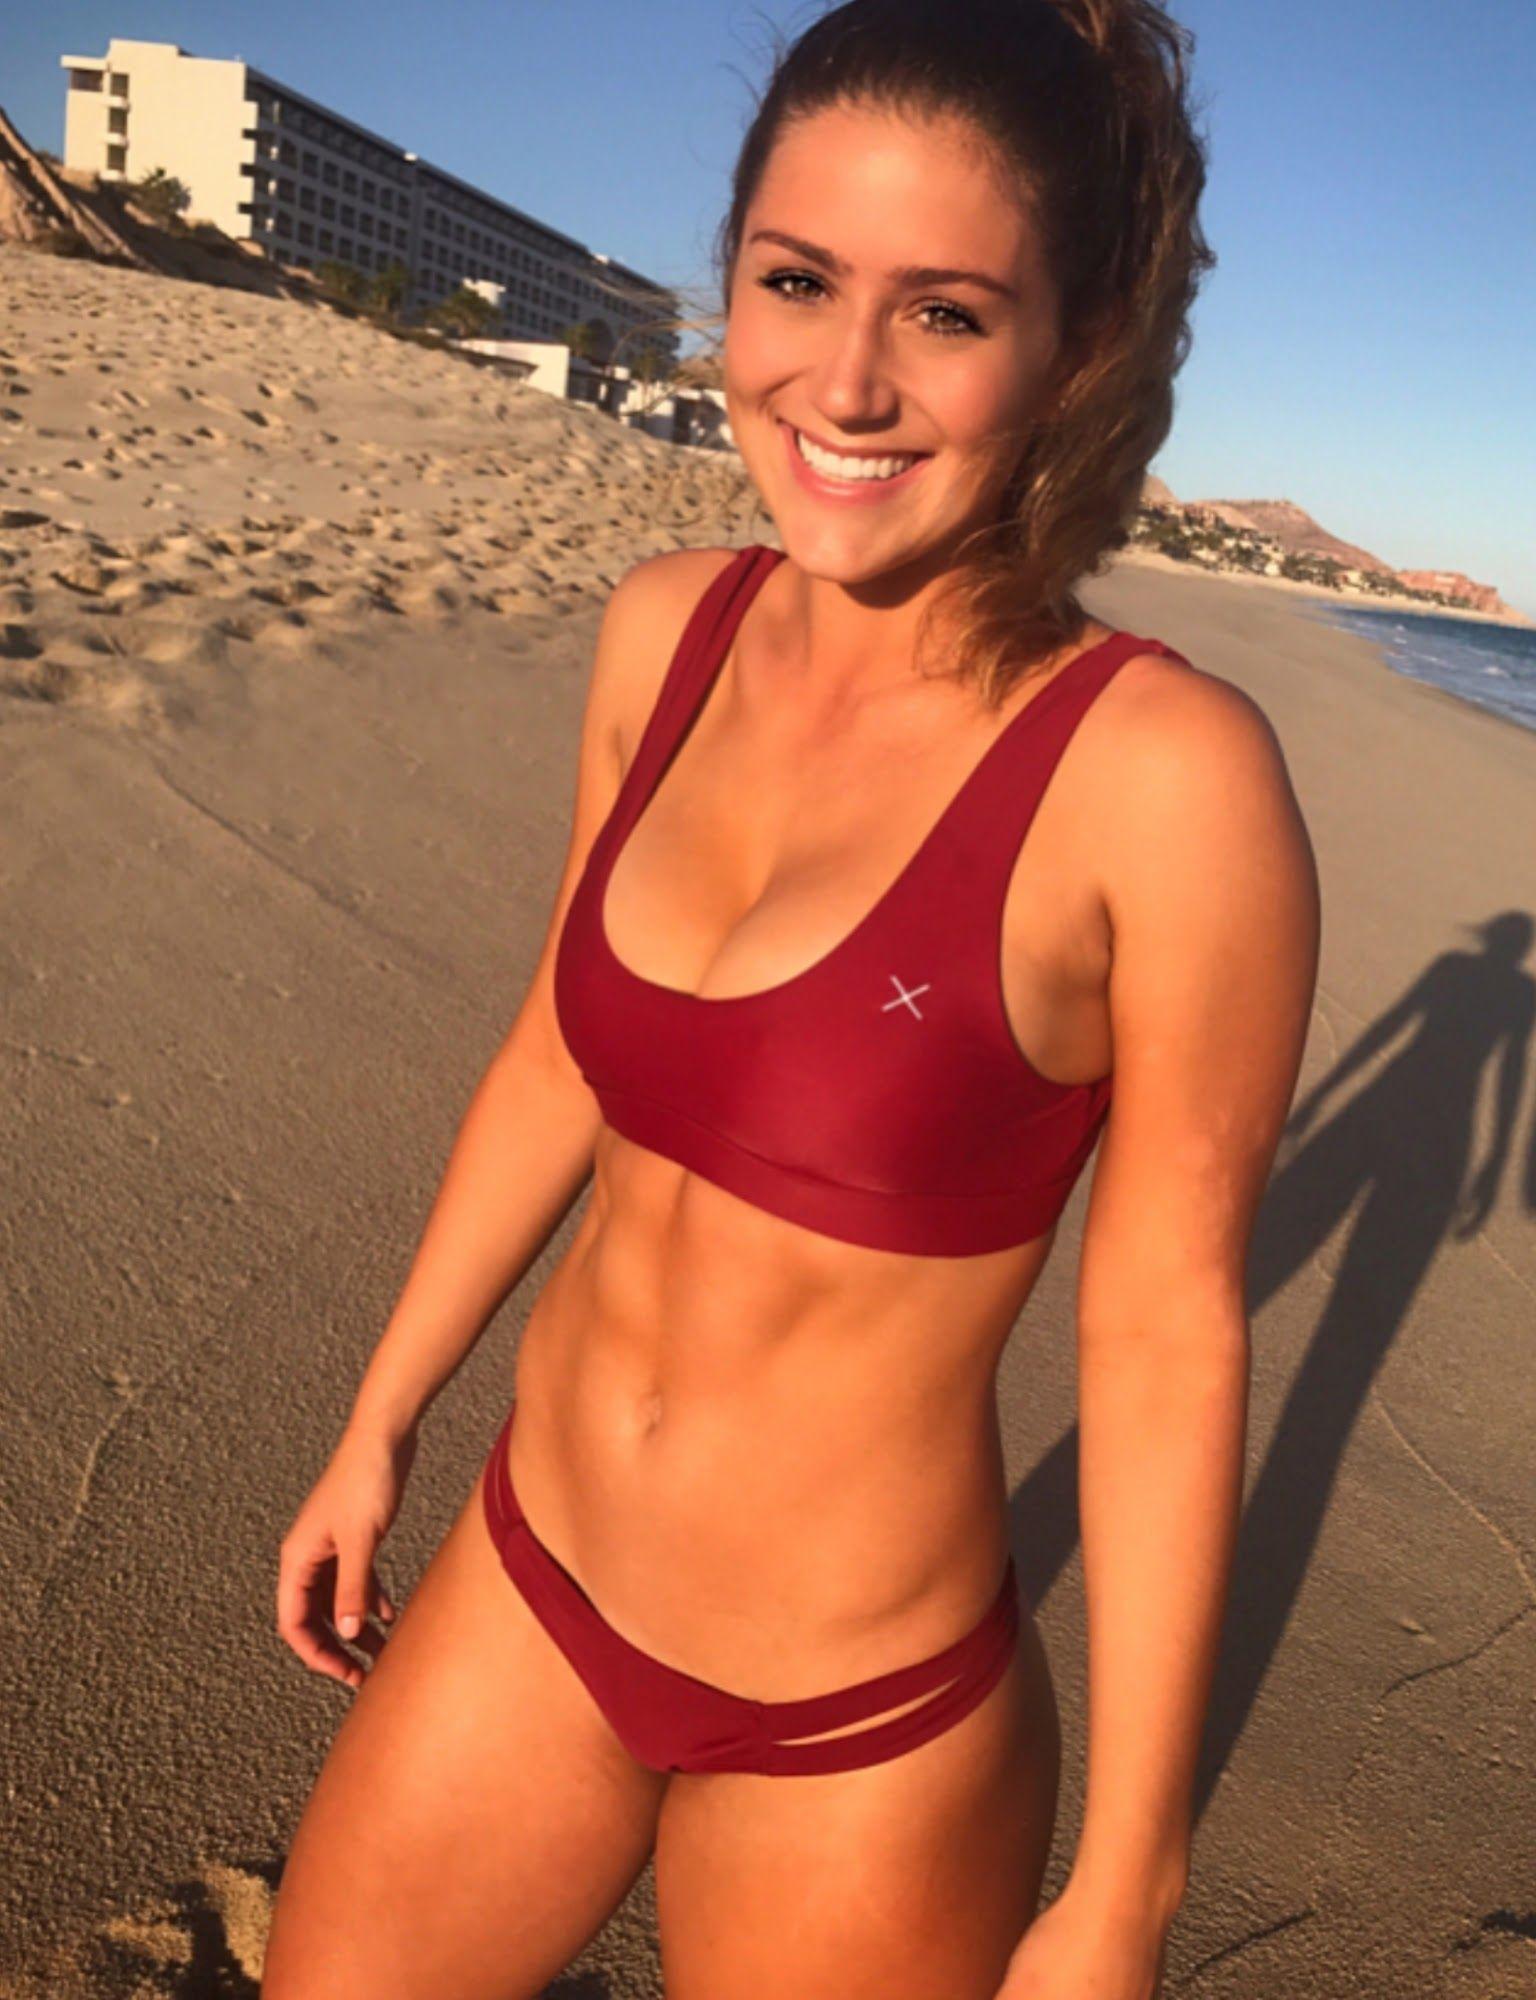 Seems wife in erotic bikini pics